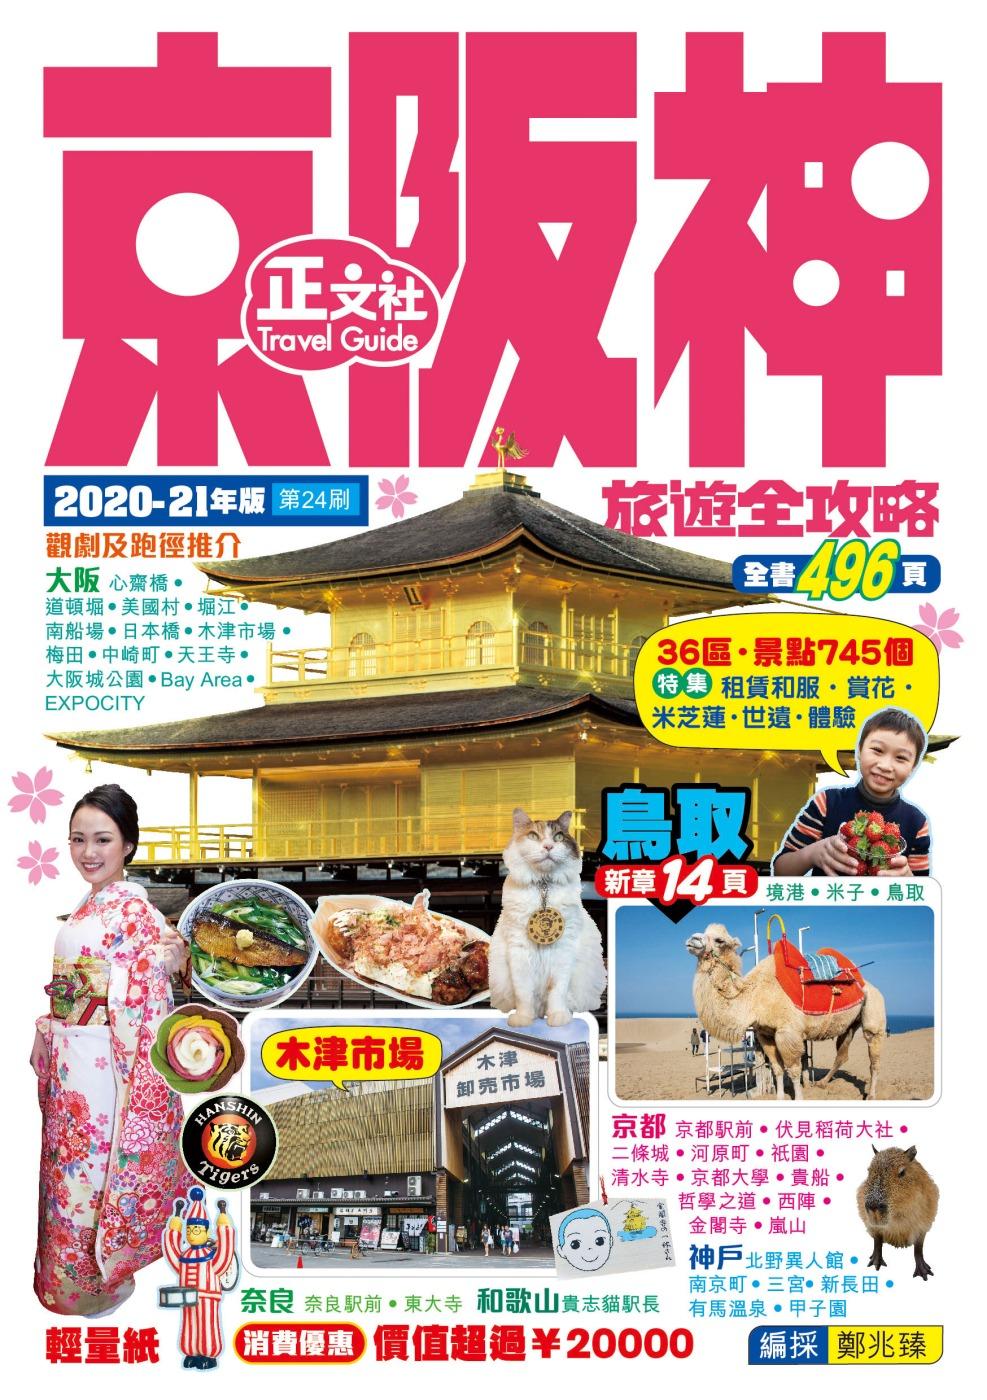 京阪神旅遊全攻略2020-21...